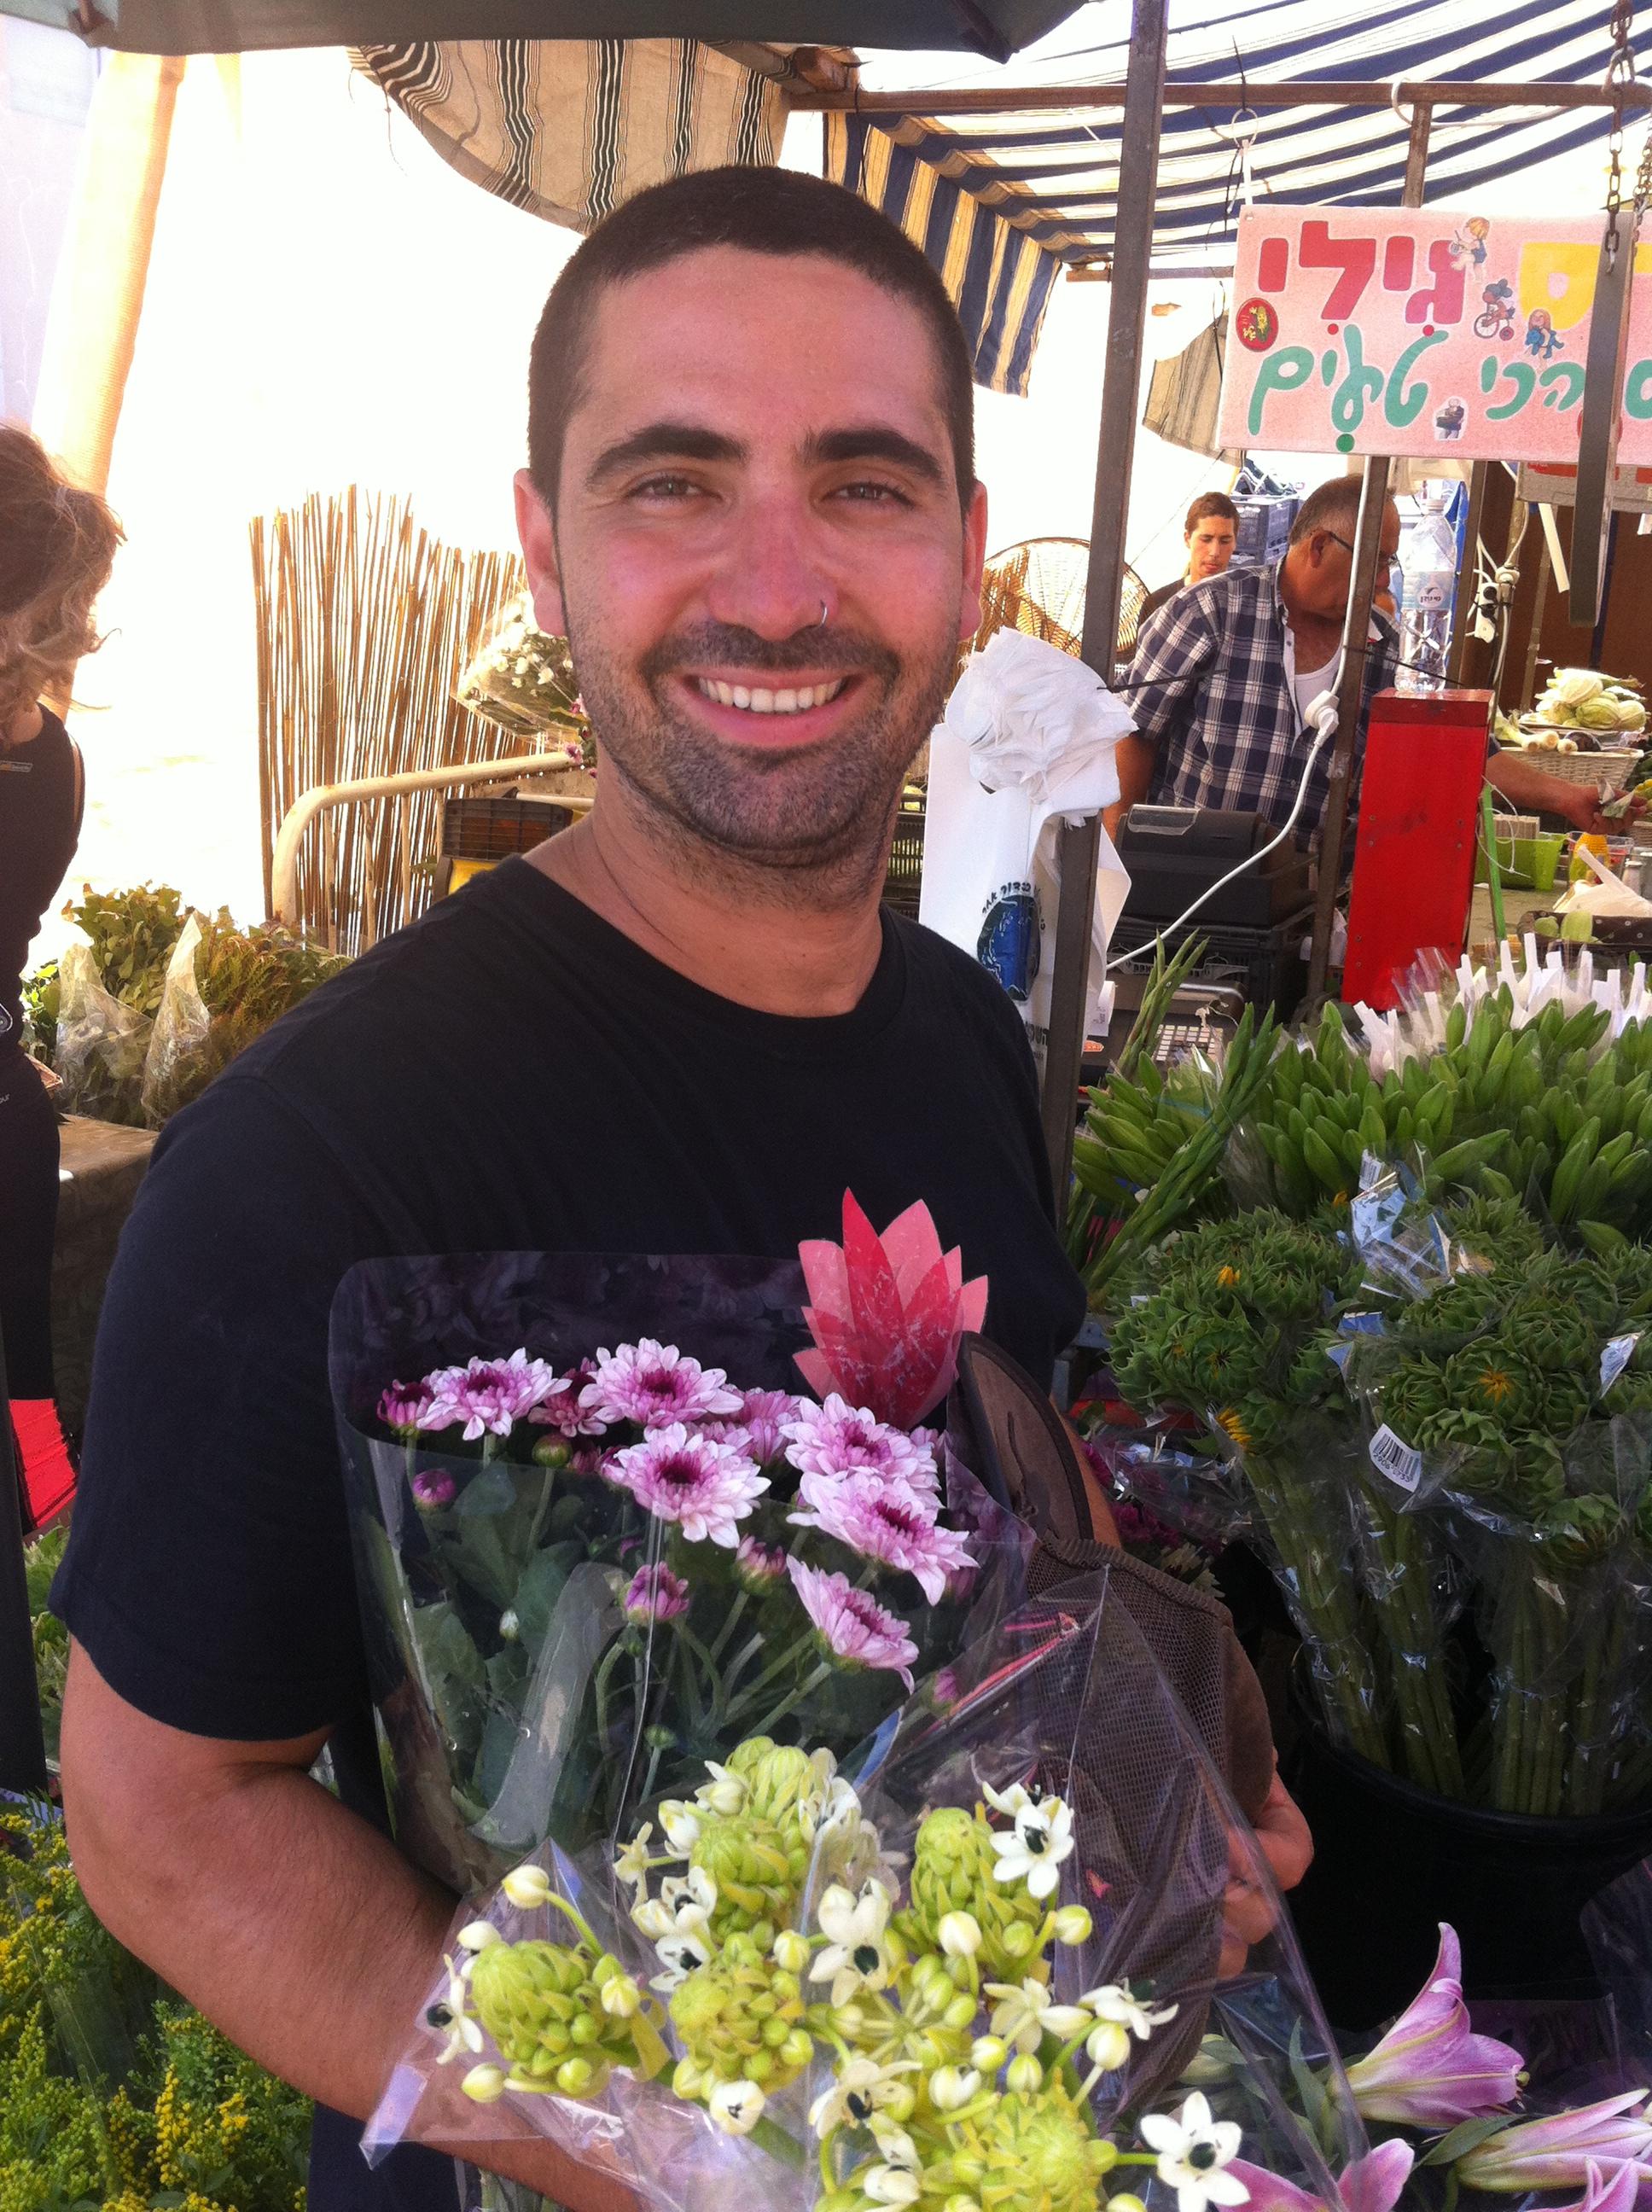 תום מוכר פרחים בשוק האיכרים בתל אביב